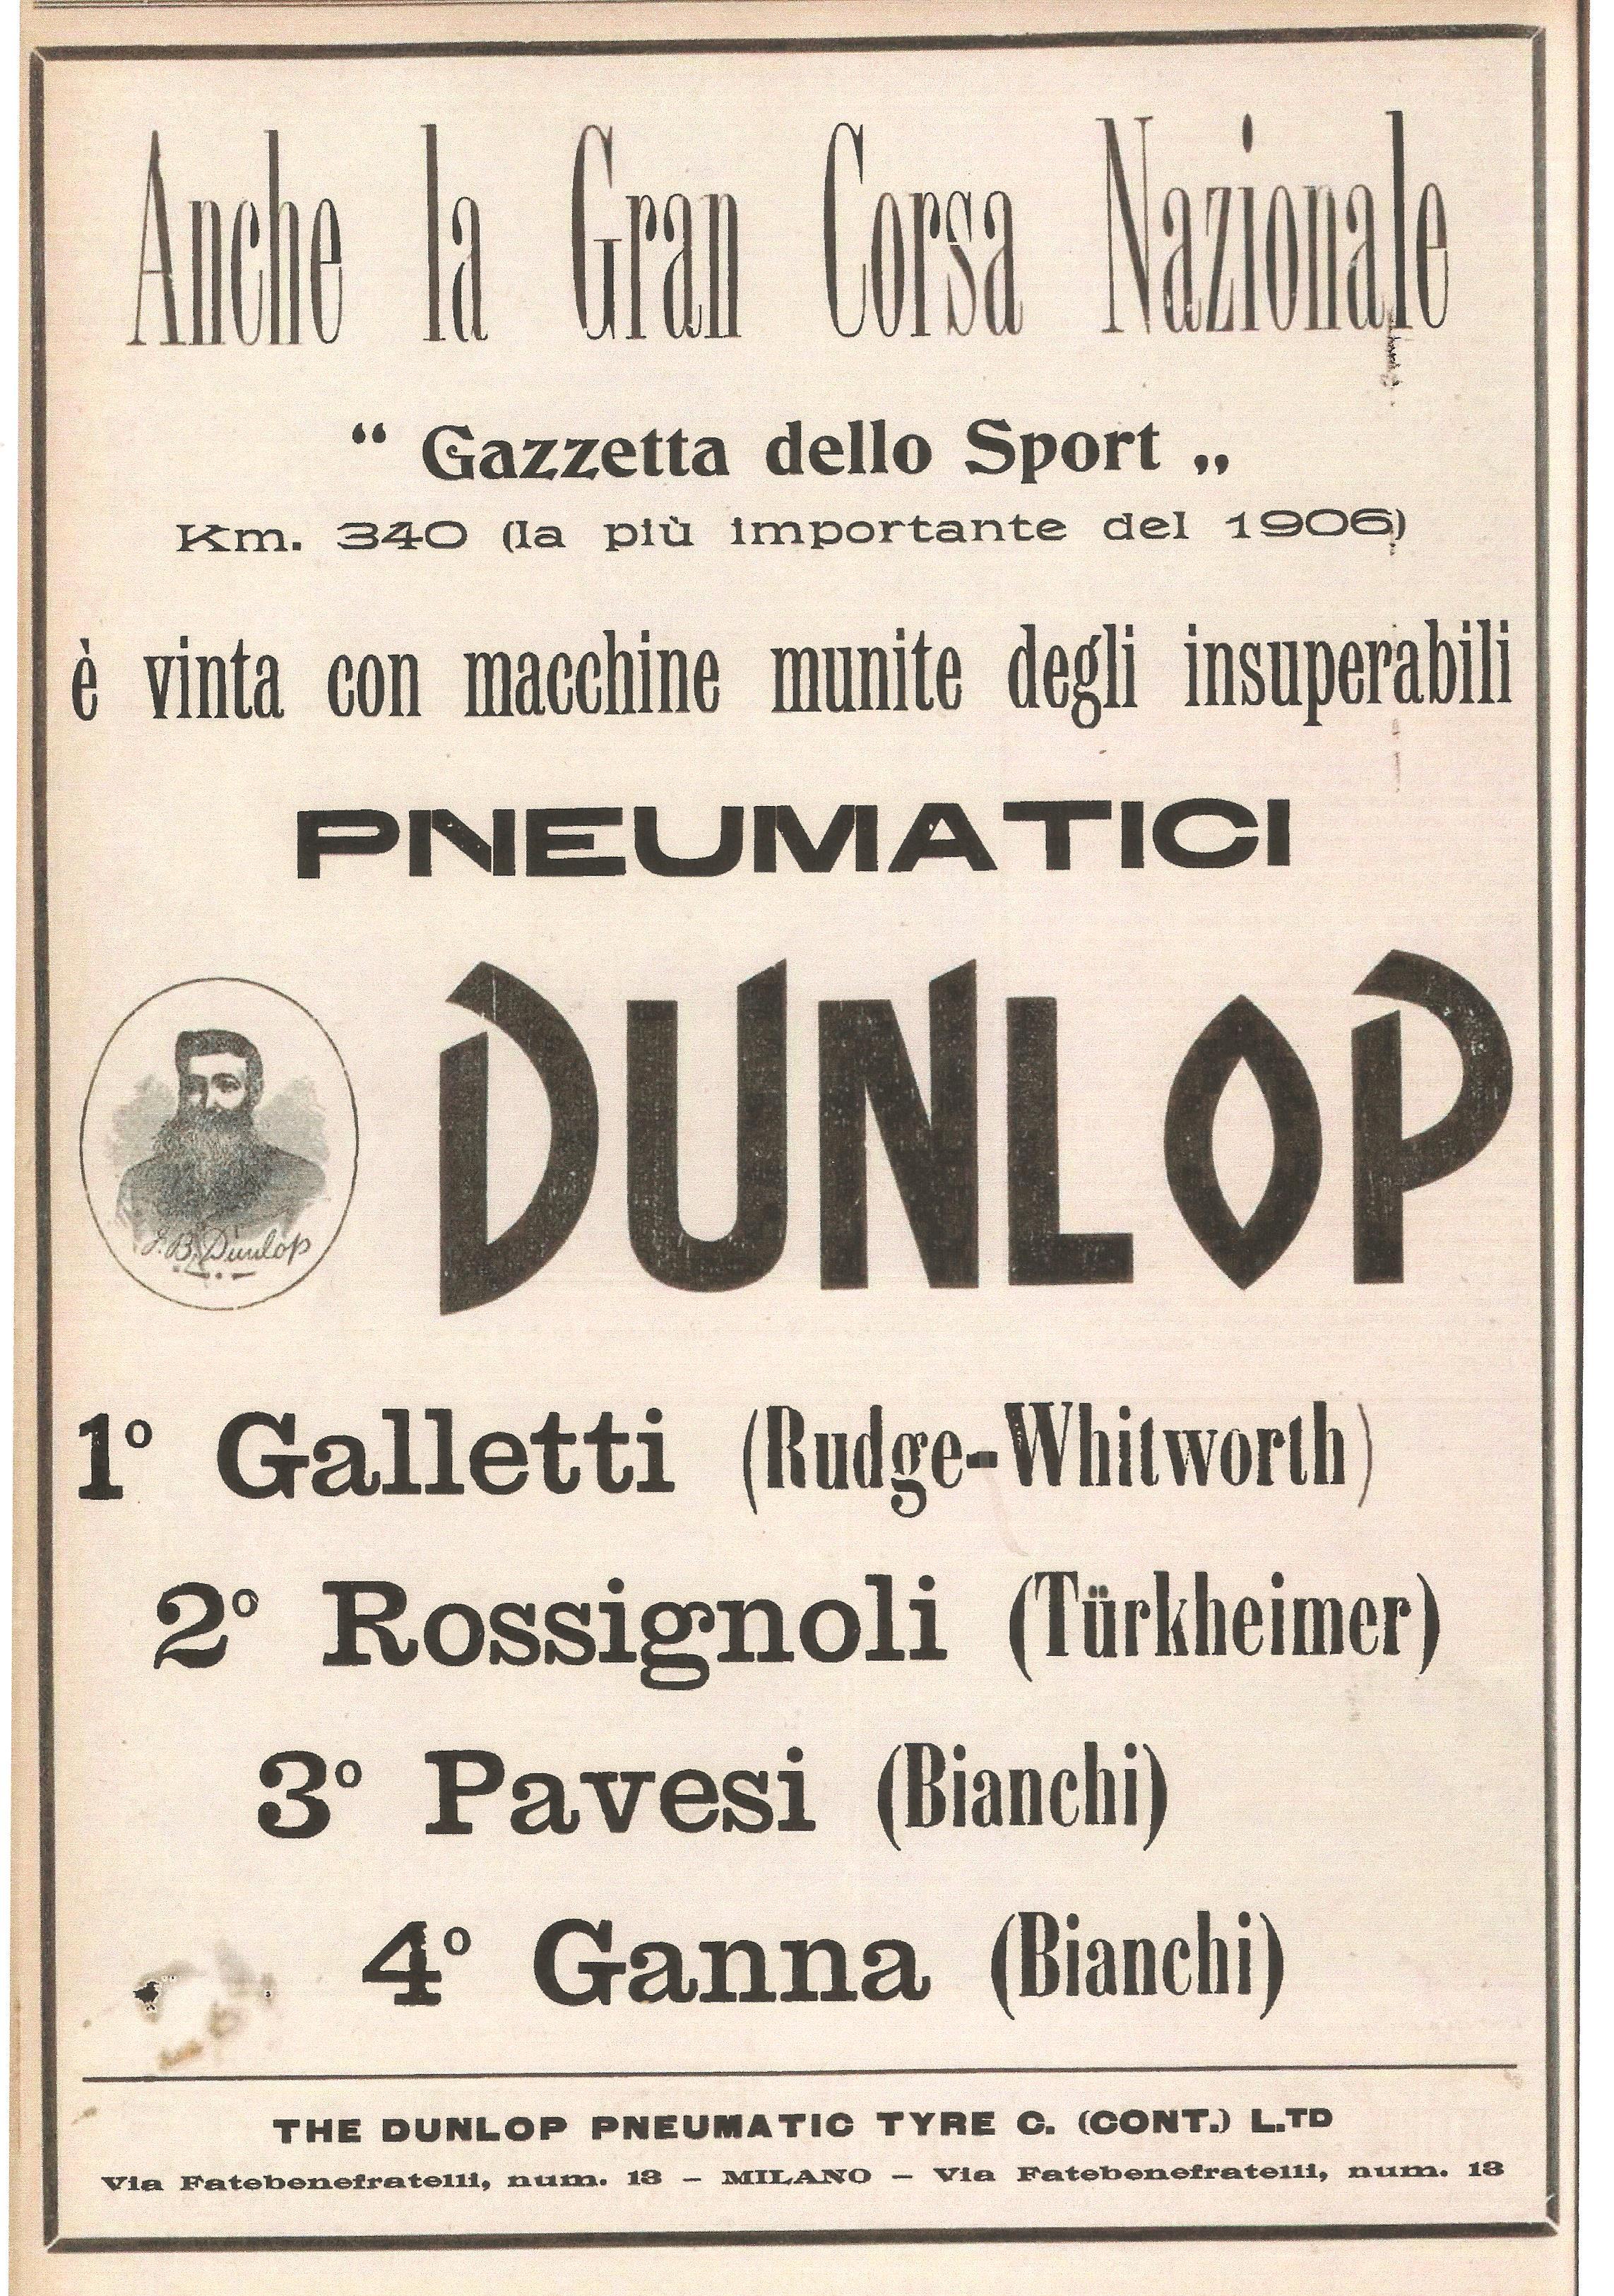 """1906 - Inserzione pubblicitaria degli pneumatici Dunlop, adottati da """"Galletti"""" nella Gran Corsa Nazionale."""